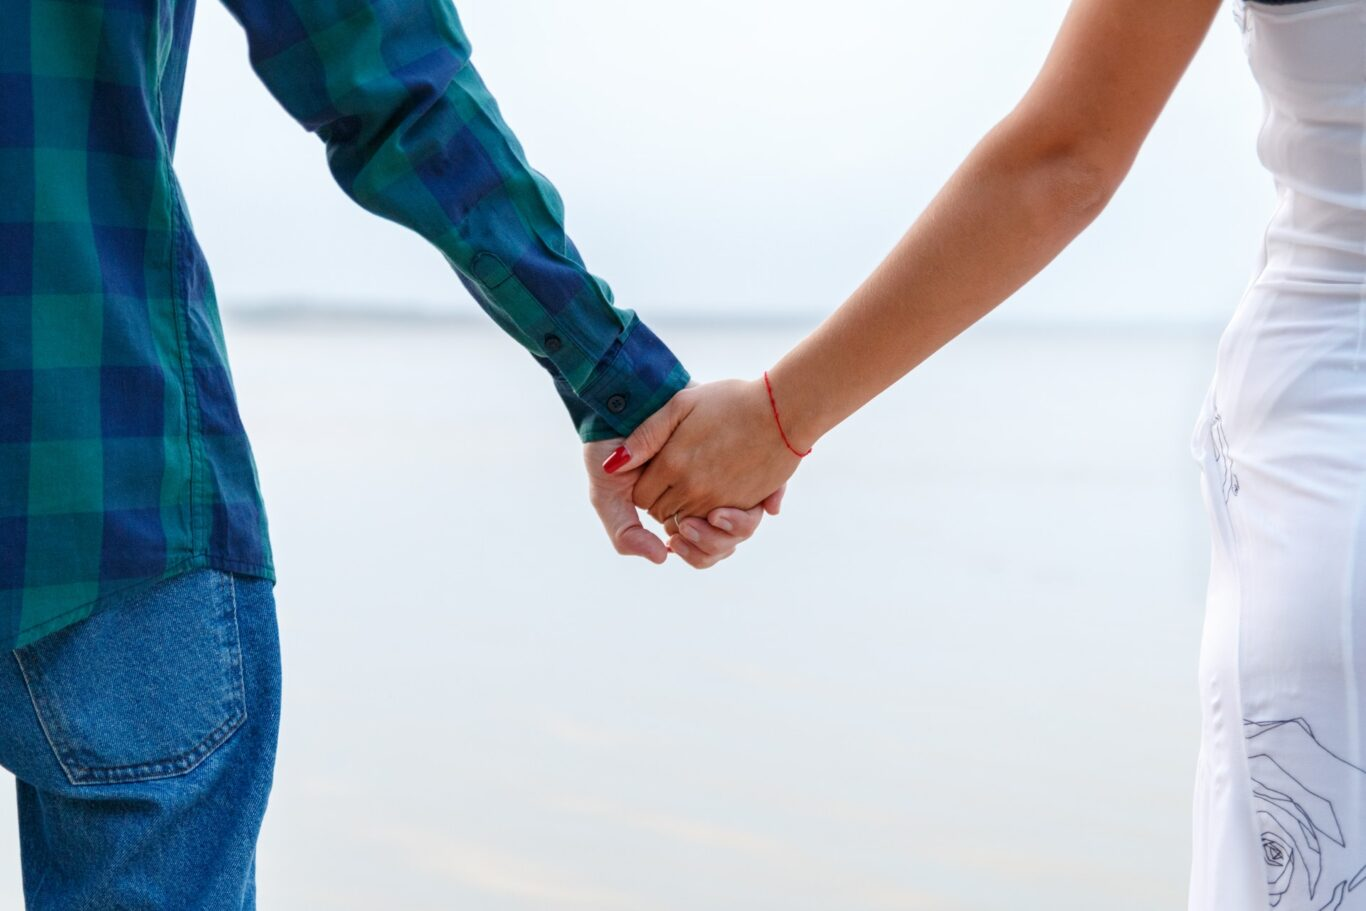 ερωτευμένο ζευγάρι στην επέτειο- συμβουλές